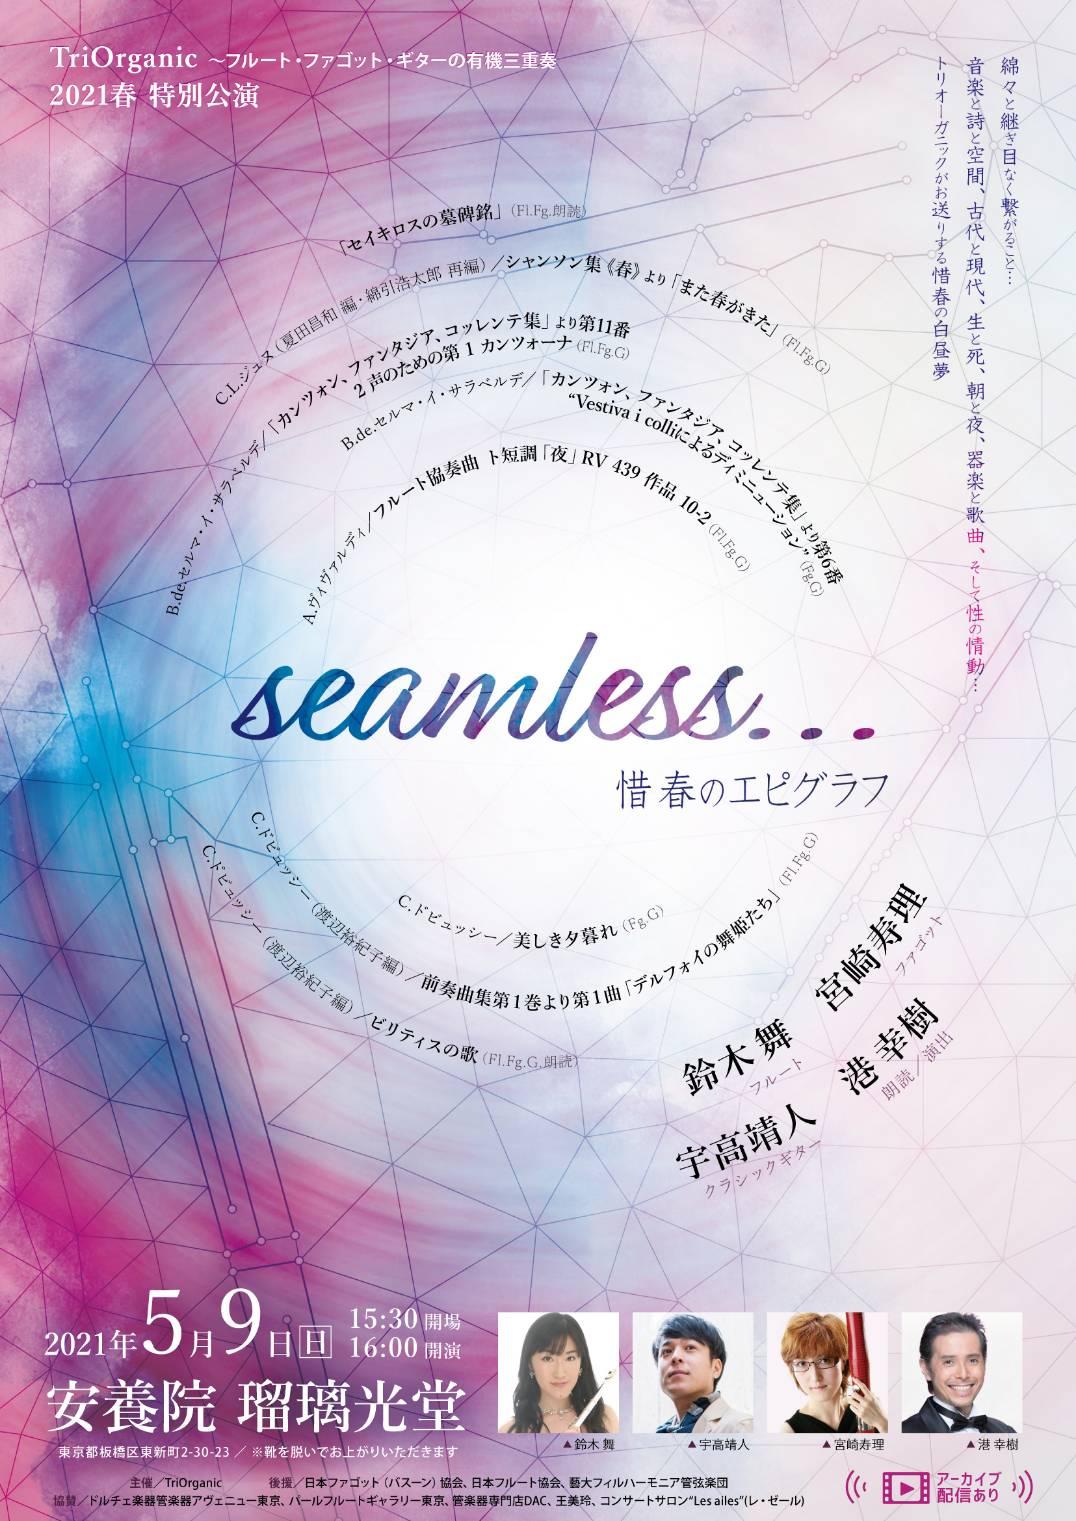 『seamless…惜春のエピグラフ』 TriOrganic 〜フルート・ファゴット・ギターの有機三重奏 2021春 特別公演